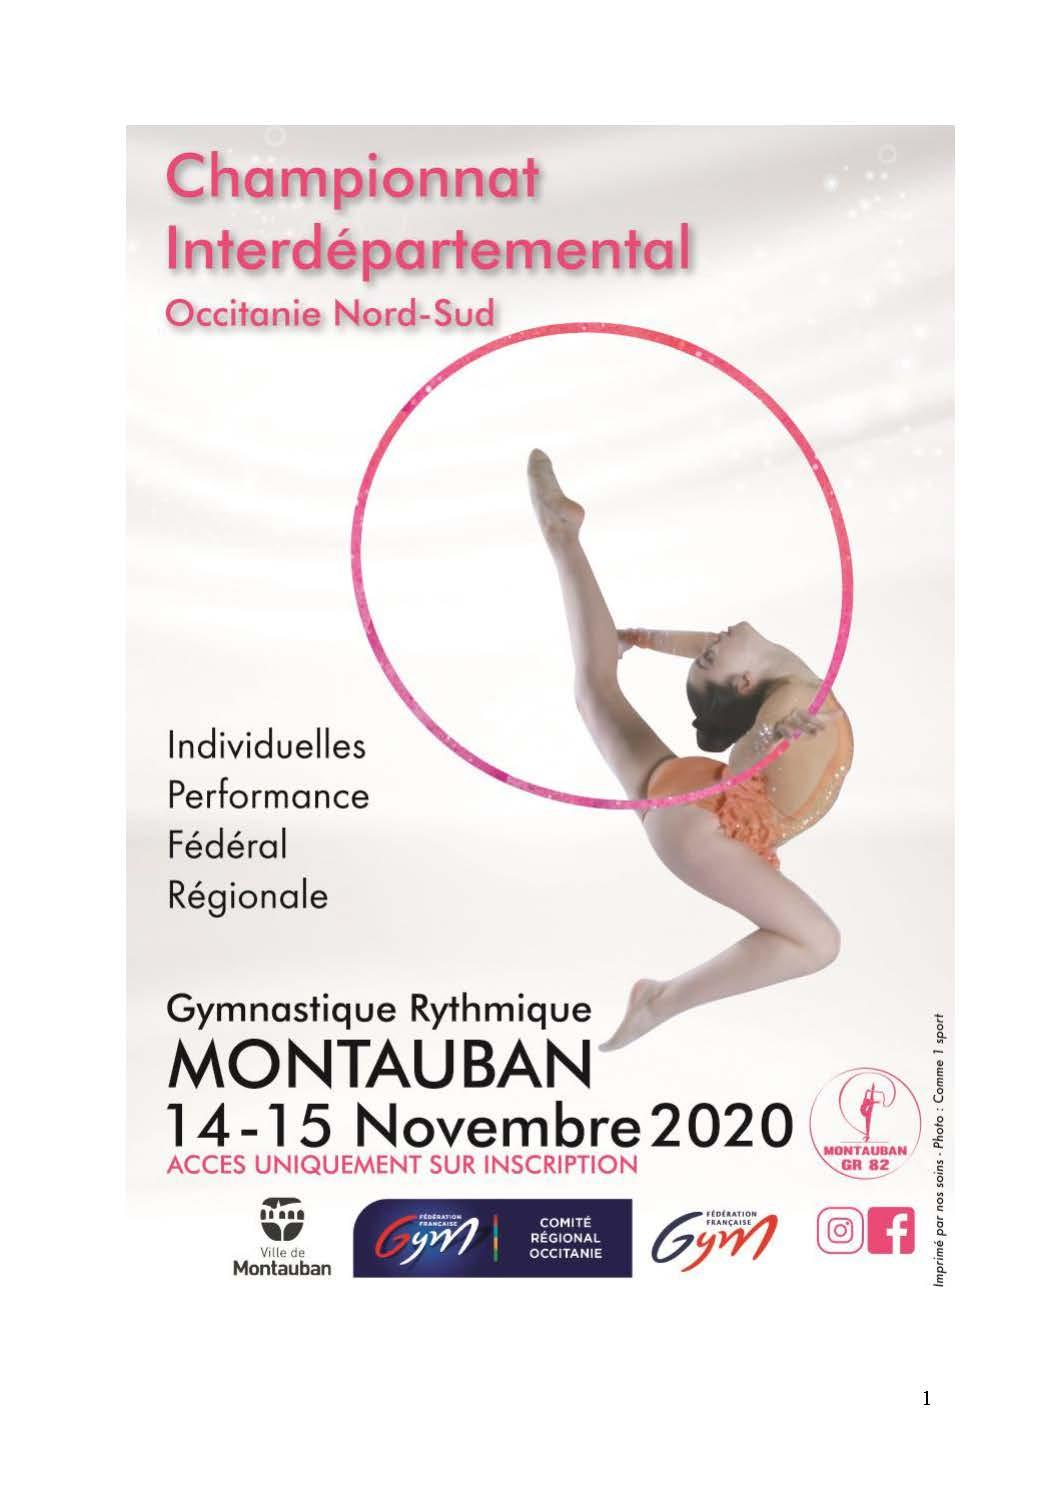 GR - Championnat Interdépartemental Nord/Sud DES INDIVIDUELLES Performance Fédérale et Régionale les 14 et 15 Novembre 2020 à Montauban